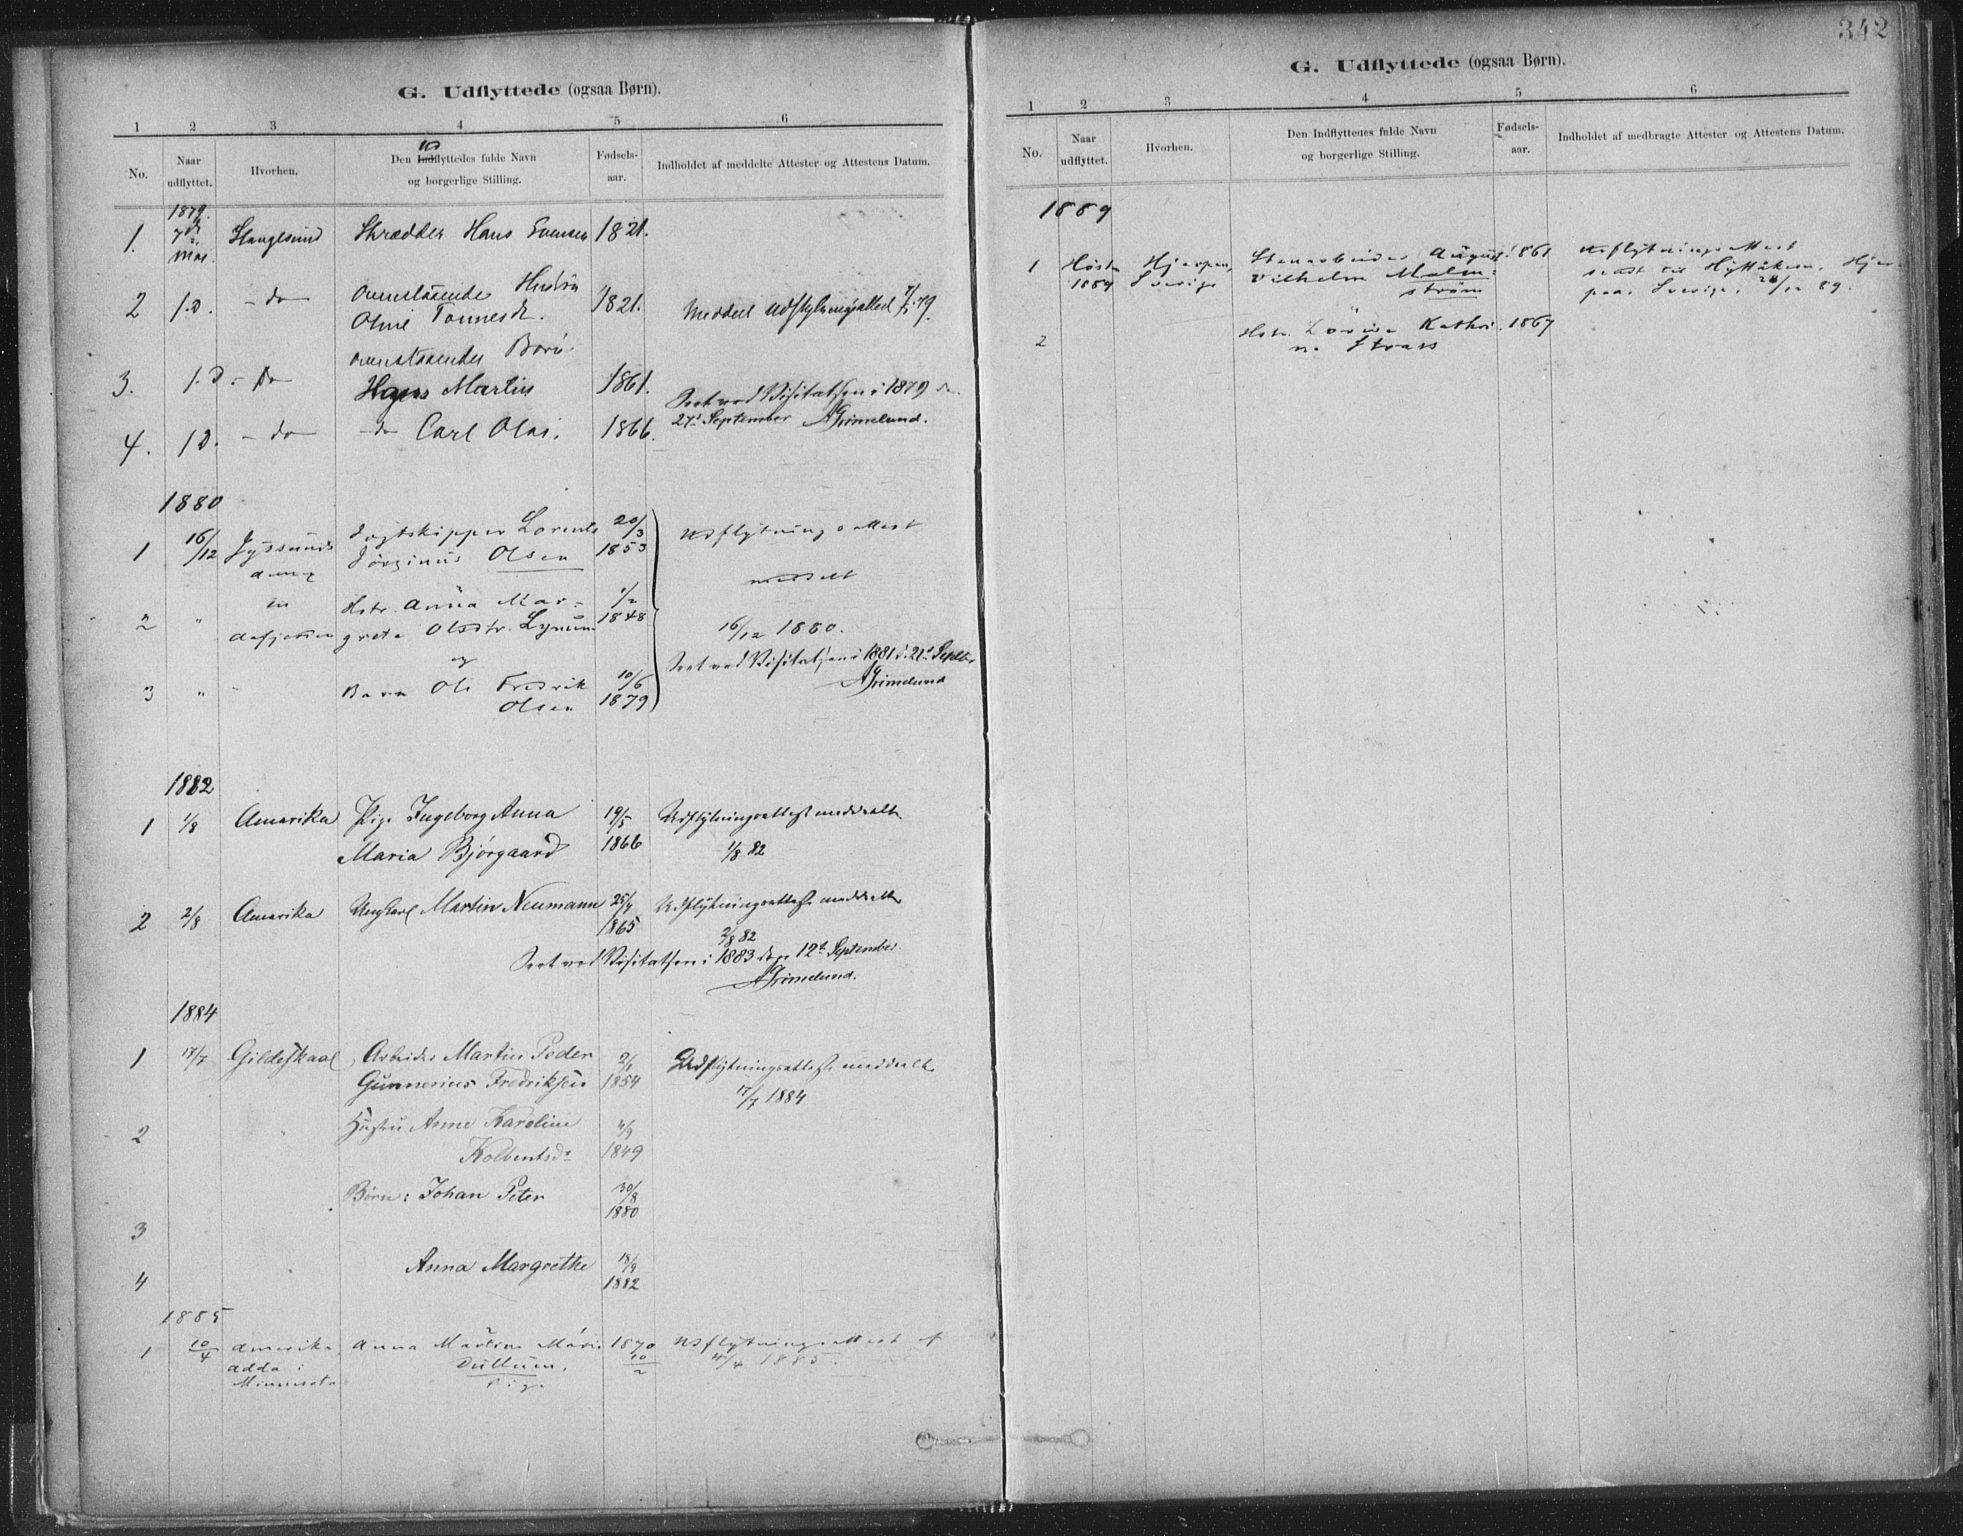 SAT, Ministerialprotokoller, klokkerbøker og fødselsregistre - Sør-Trøndelag, 603/L0163: Ministerialbok nr. 603A02, 1879-1895, s. 342